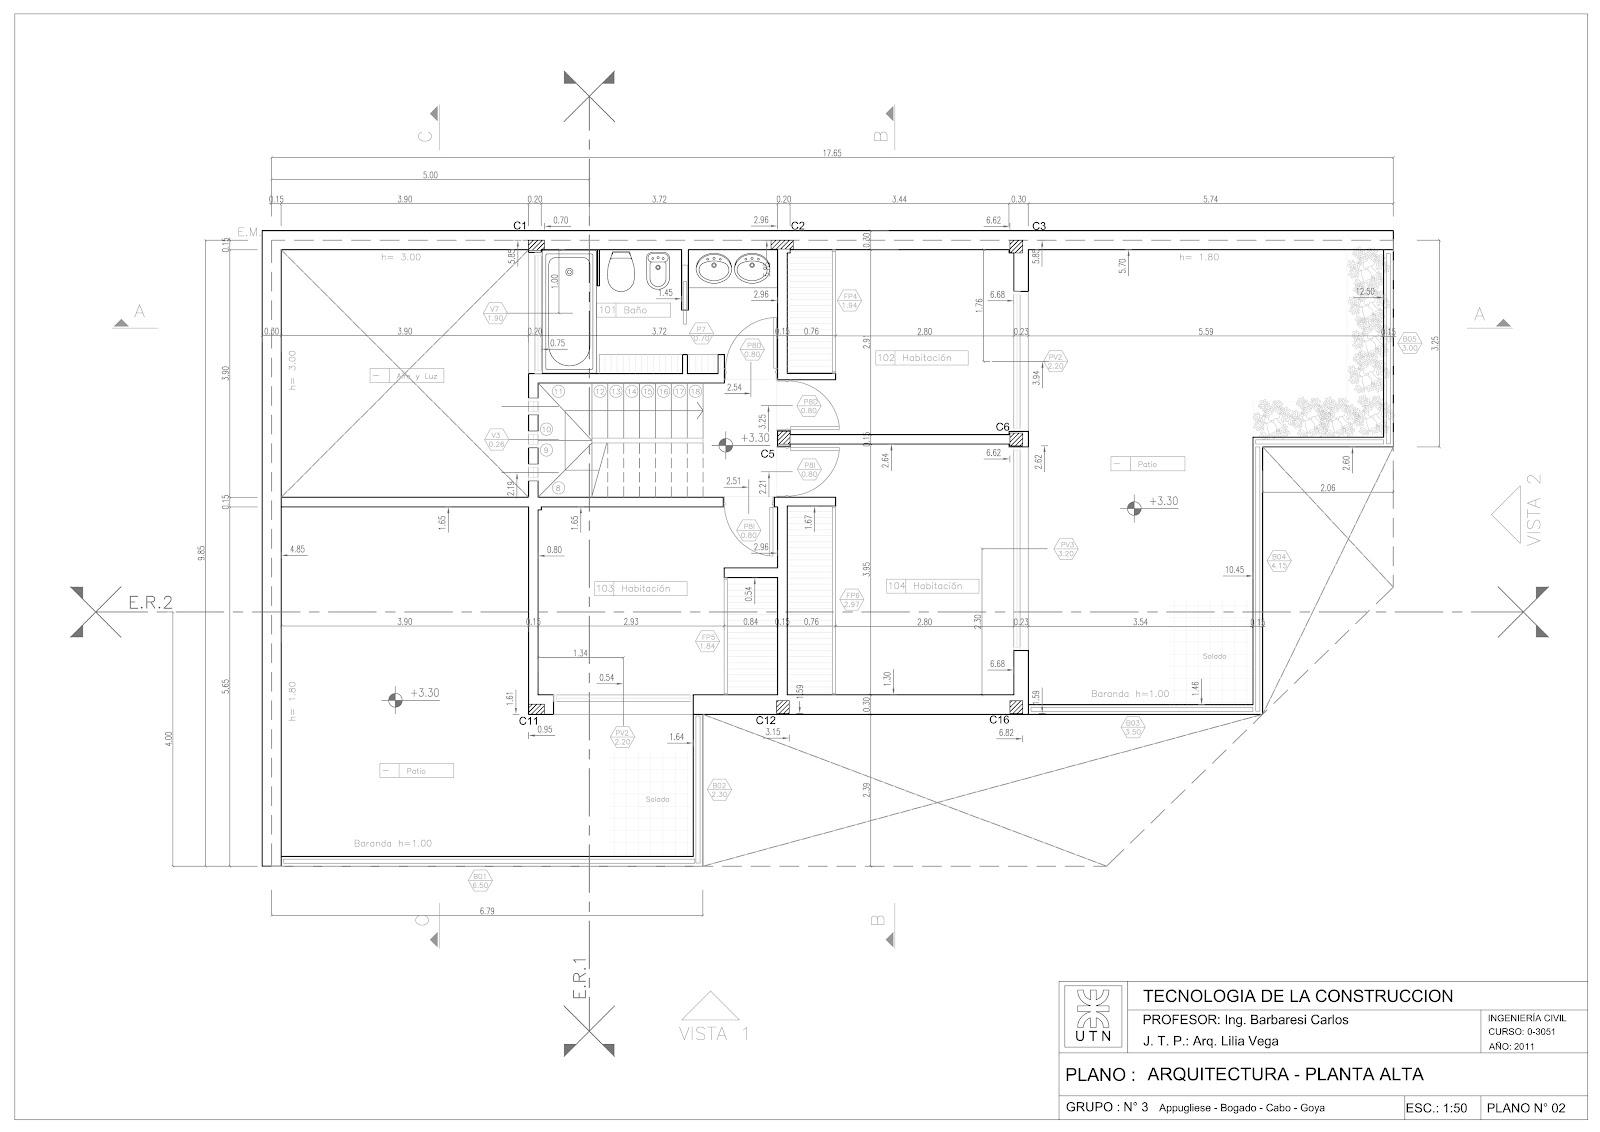 Detalles constructivos cad plano replanteo arquitectura y for Estructura arquitectura